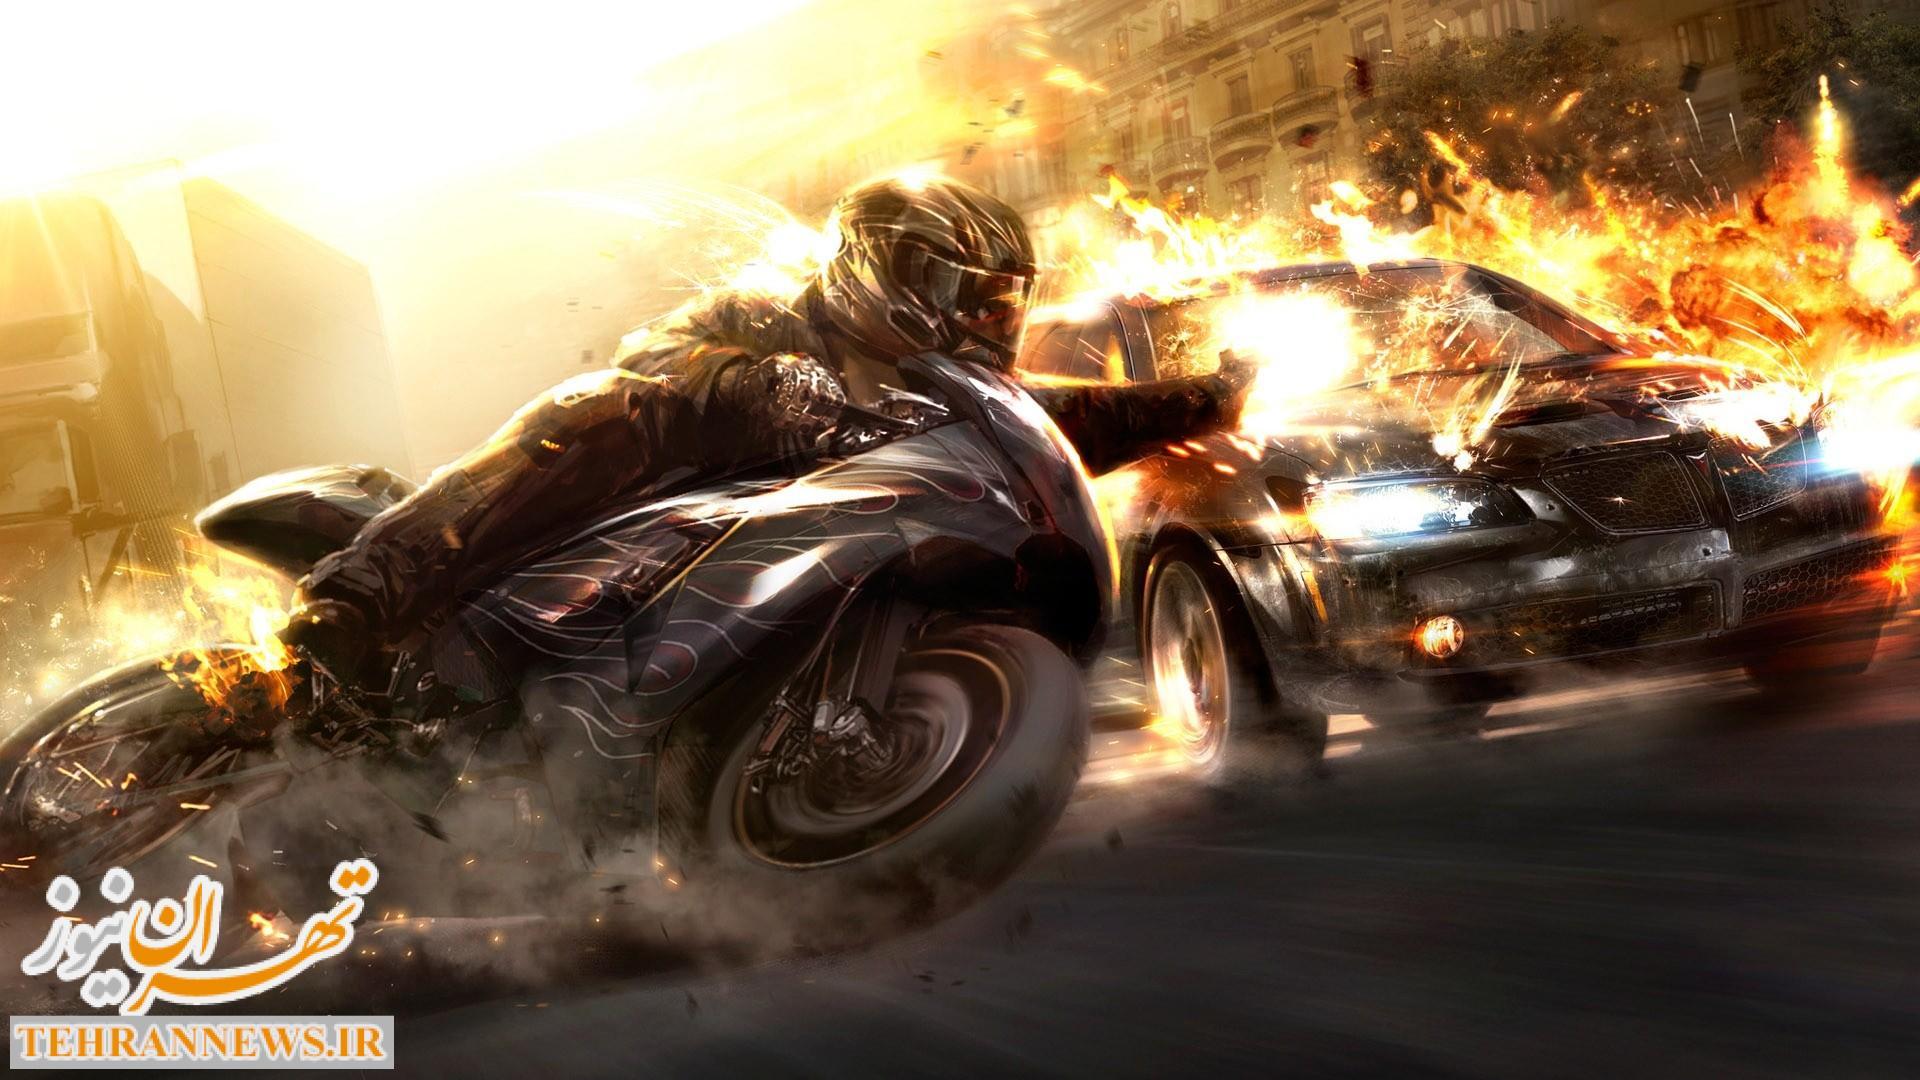 سریع ترین موتور سیکلت های جهان + تصاویر